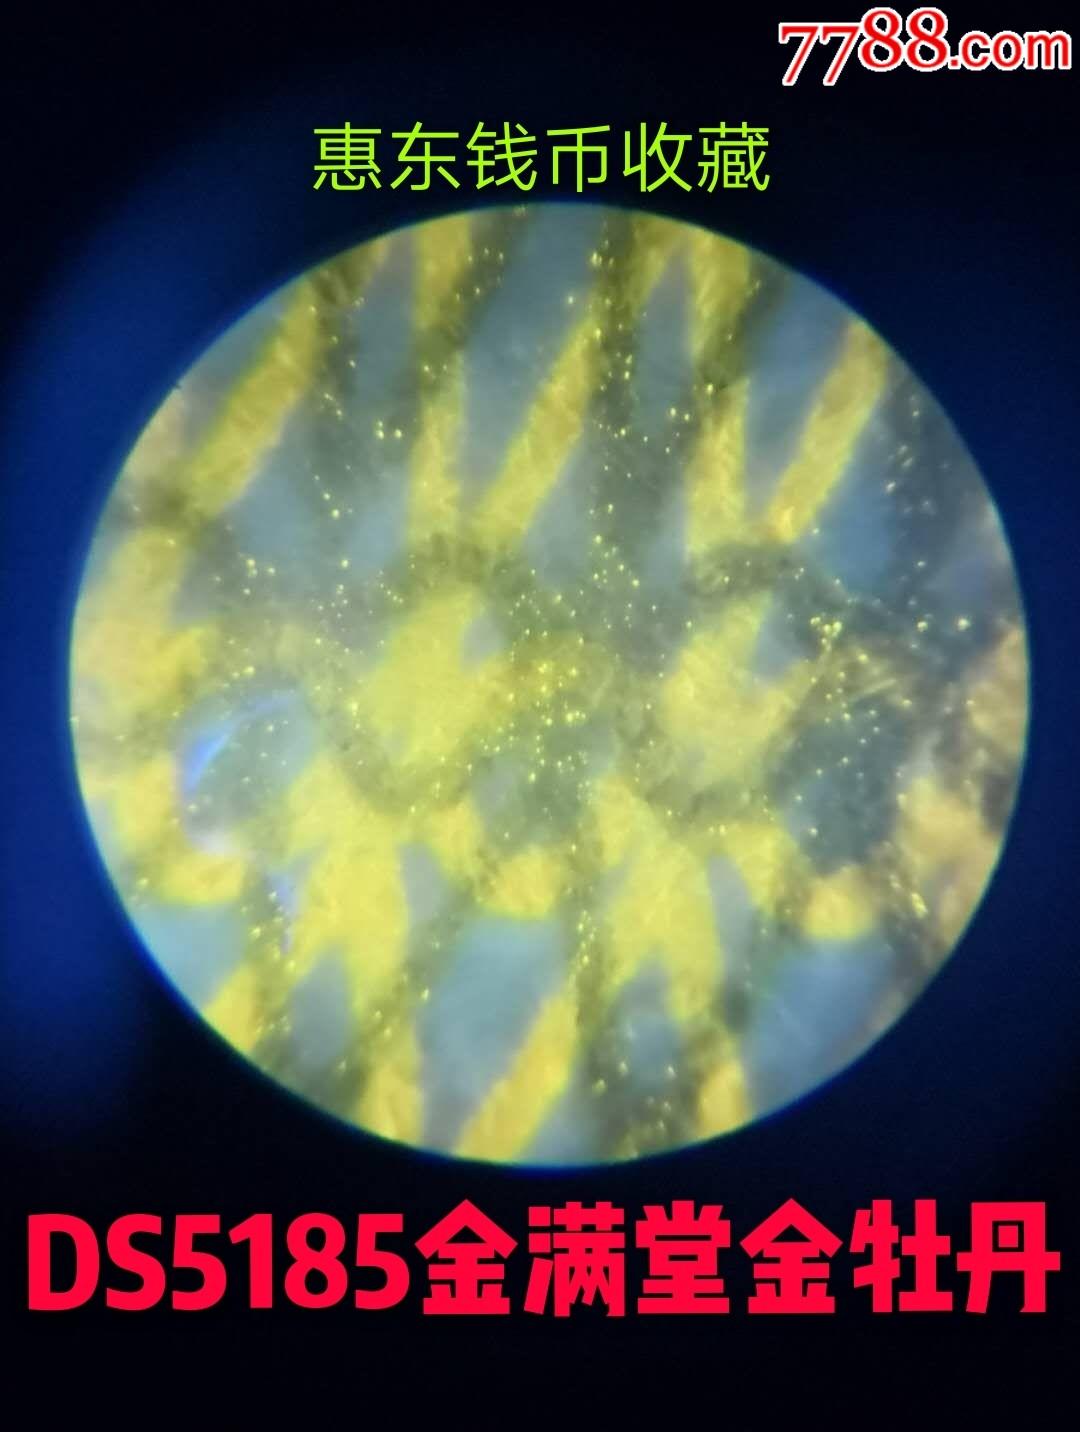 8001-2早期《DS5185珍稀冠》正绿红金满堂金牡丹姐妹花评级币1枚(au20980662)_